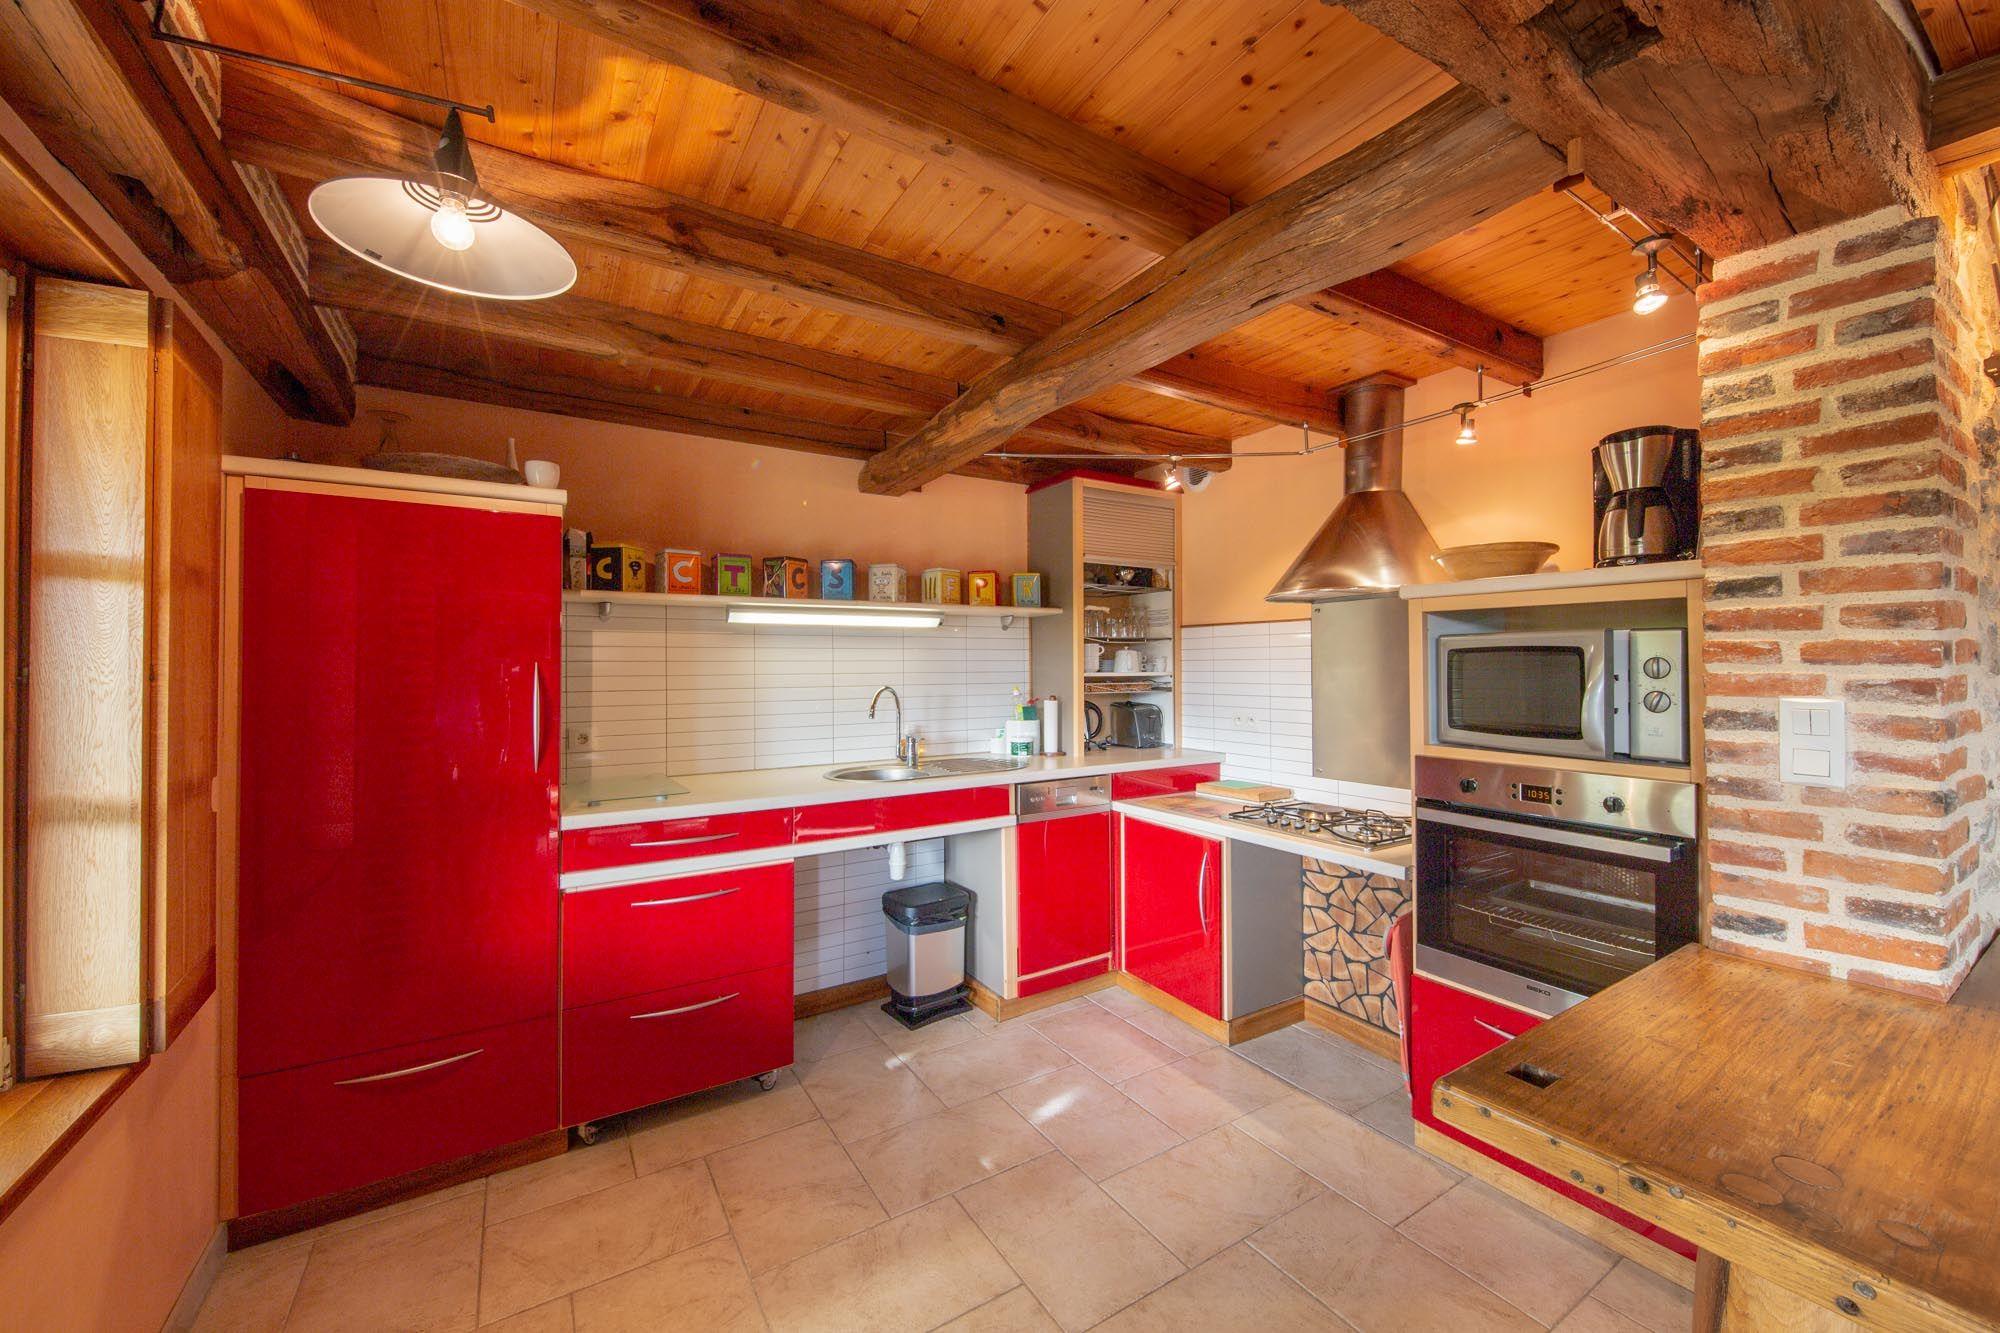 Cuisine ouverte sur l'espace de vie de la maison (10m2)